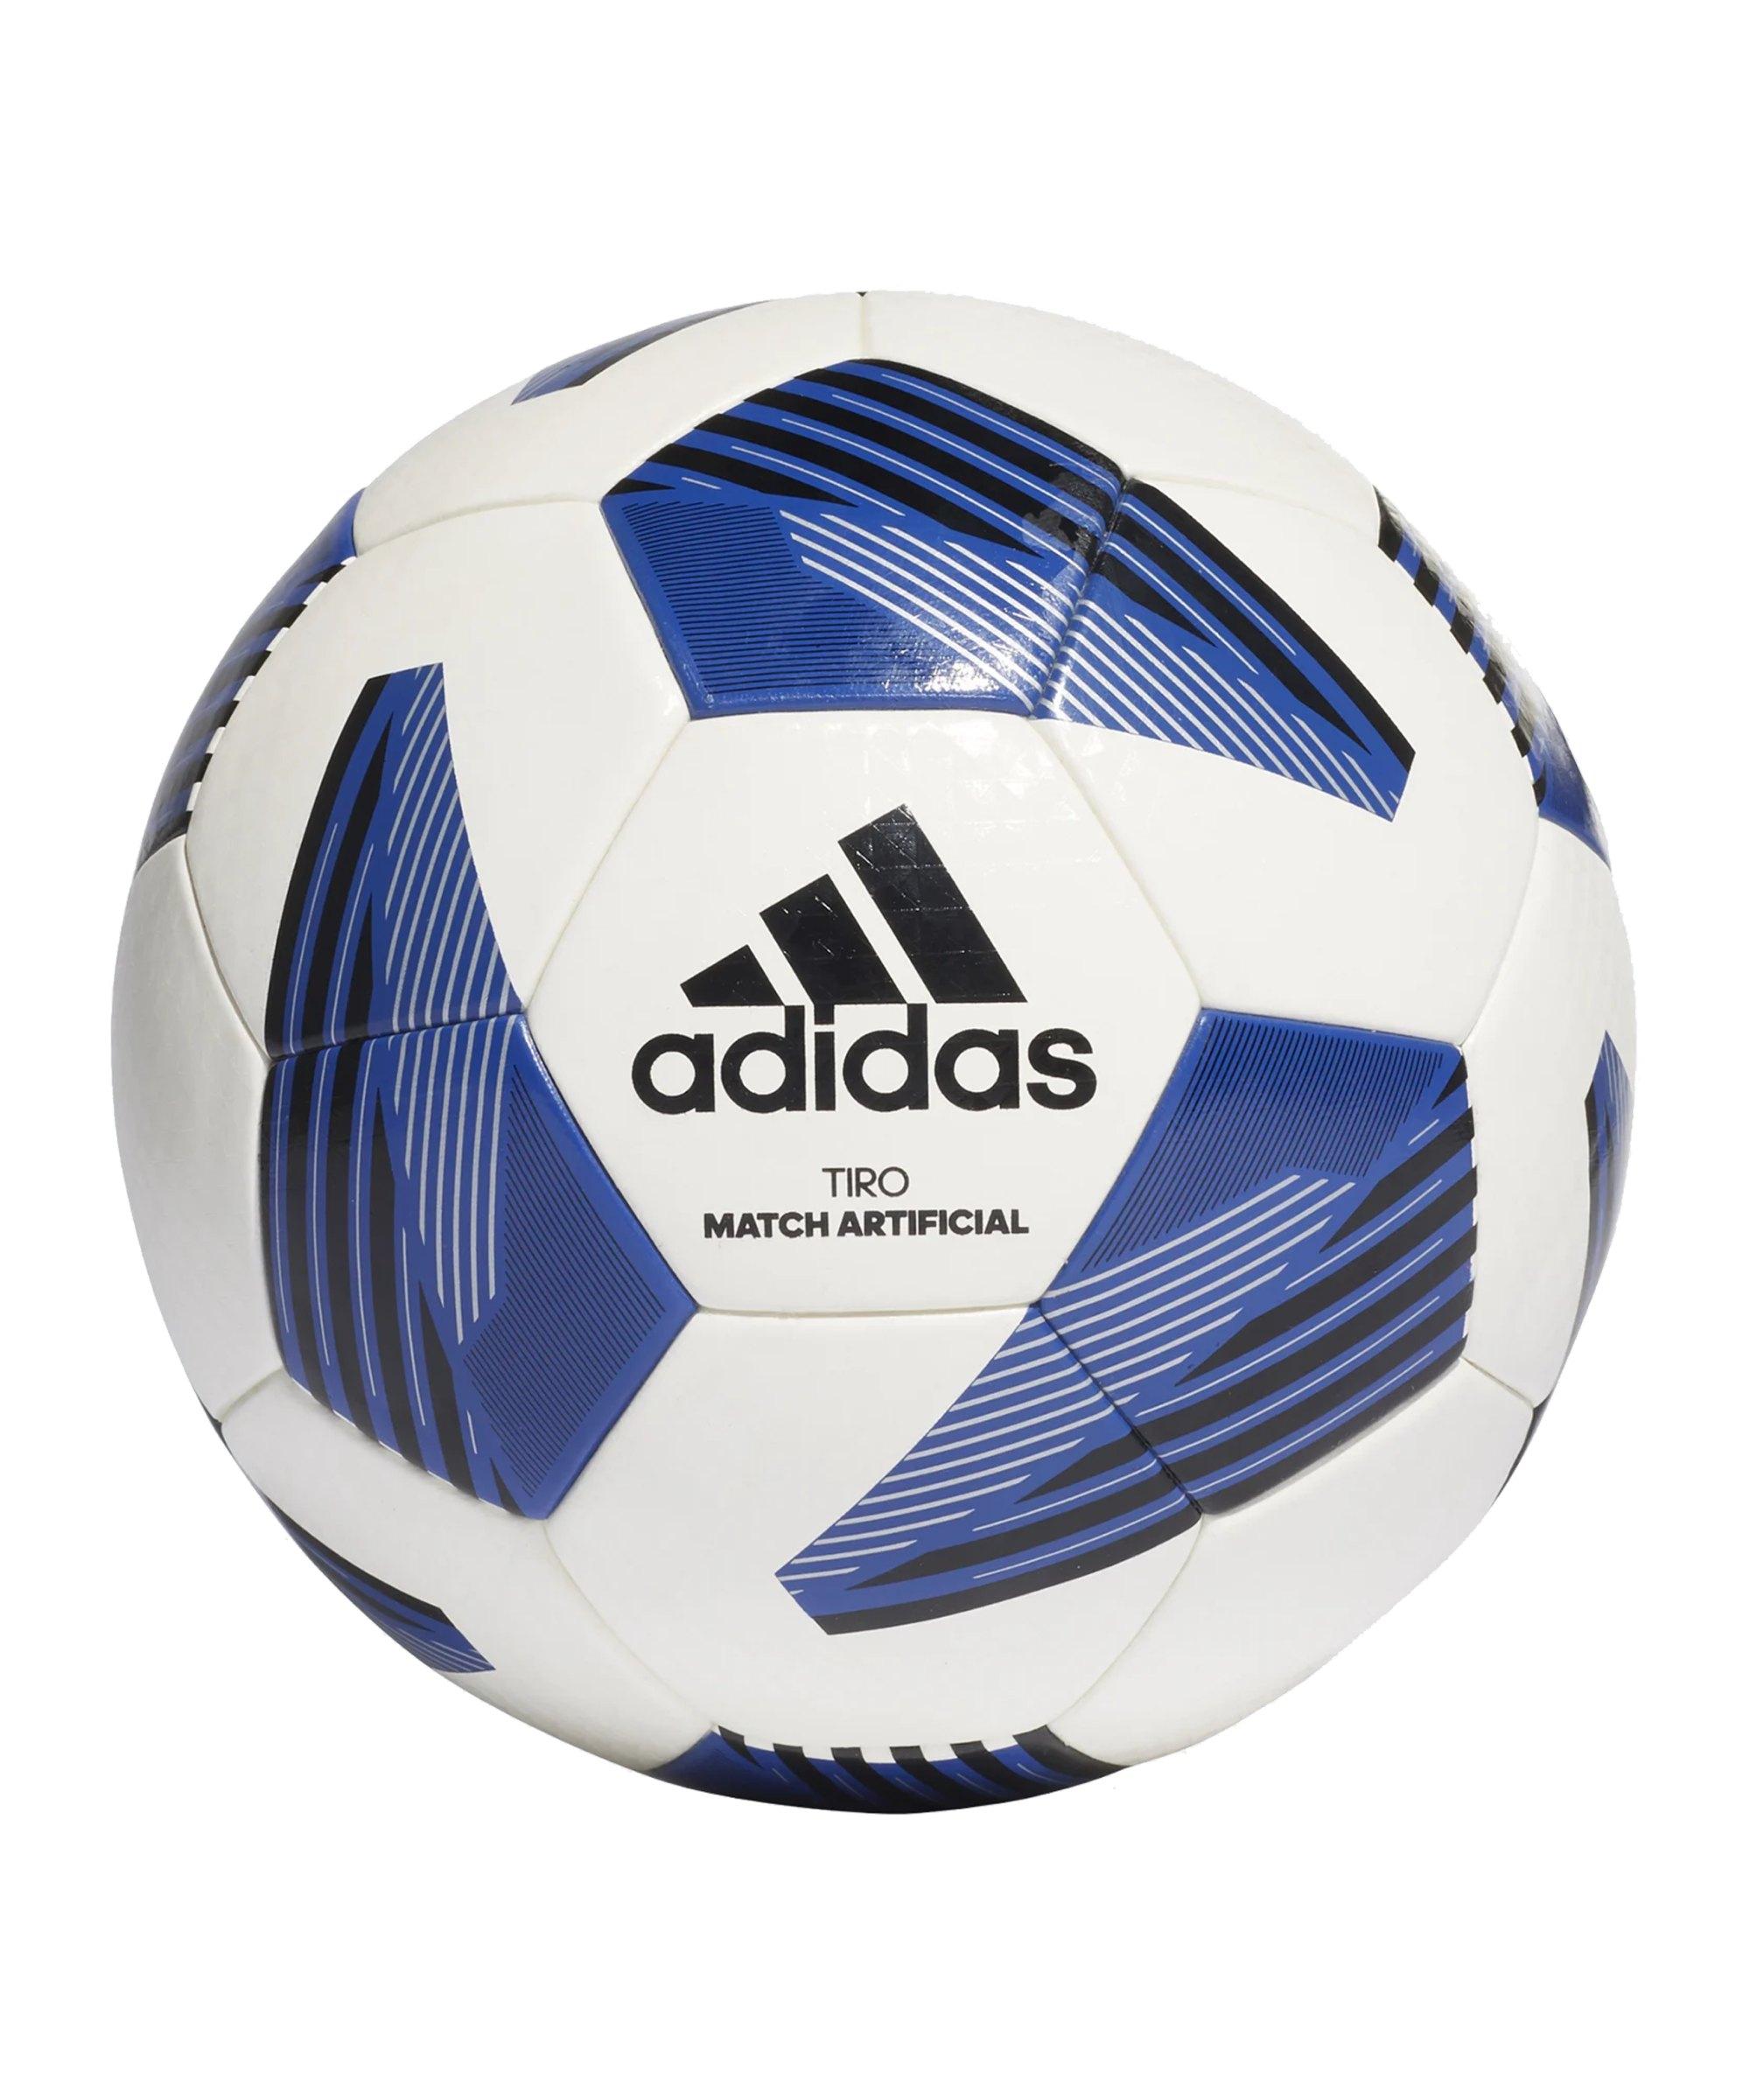 adidas Tiro League Artificial Turf Fussball Weiss - weiss